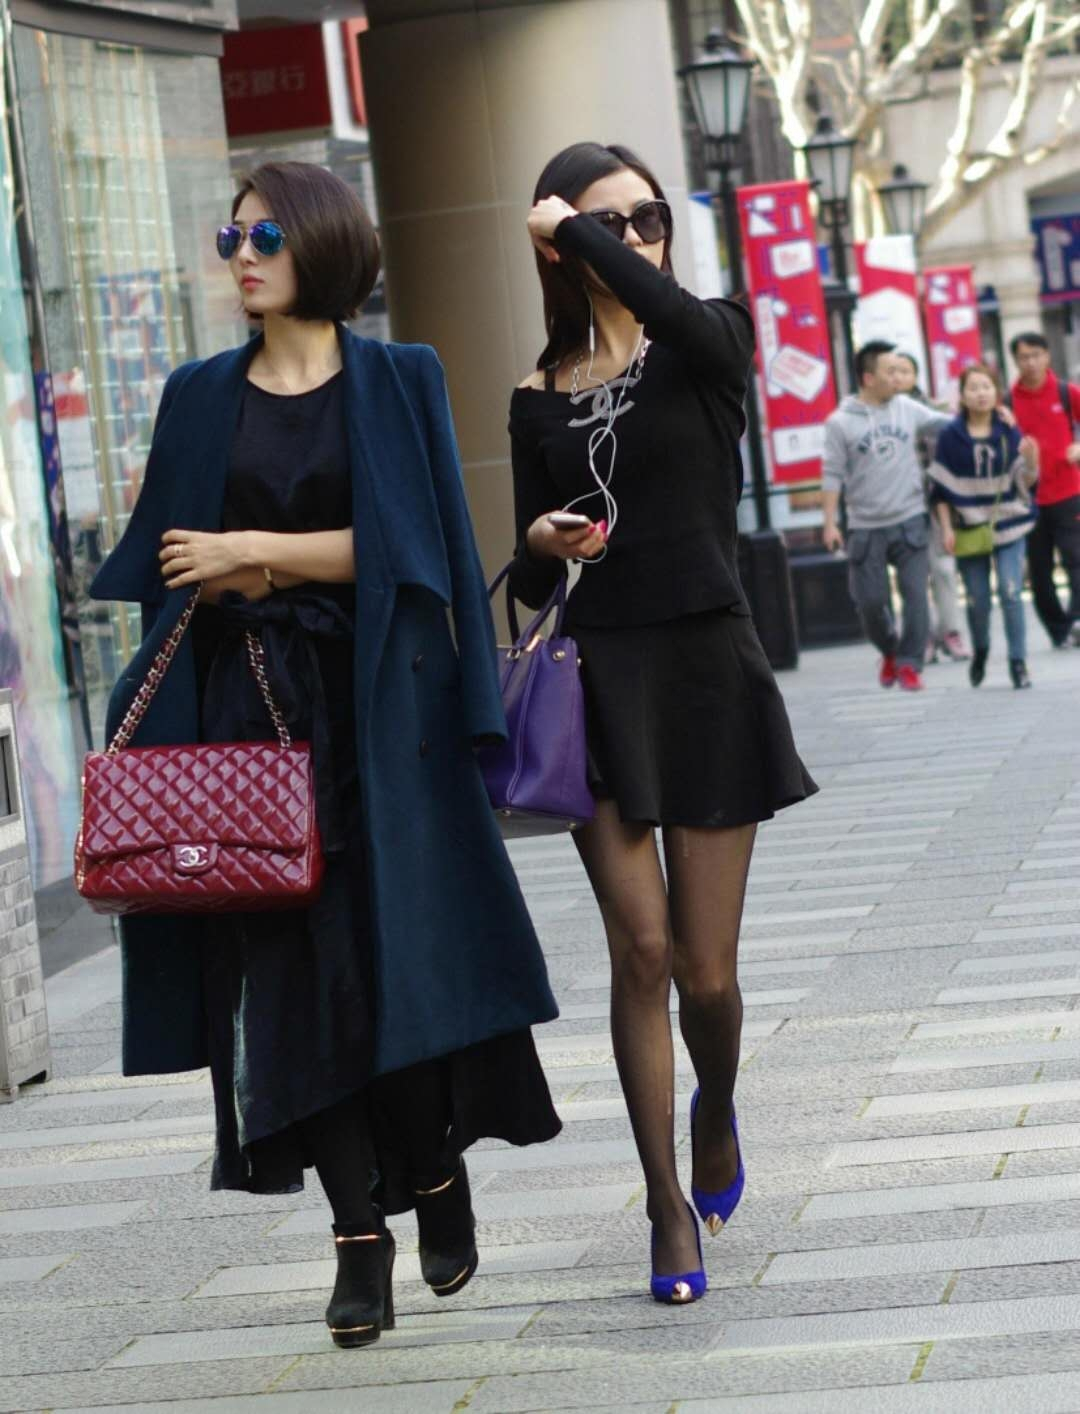 丝袜跟高_街拍:小姐姐出街品味高 ,穿黑丝袜高跟鞋秀美裙_ 丝袜